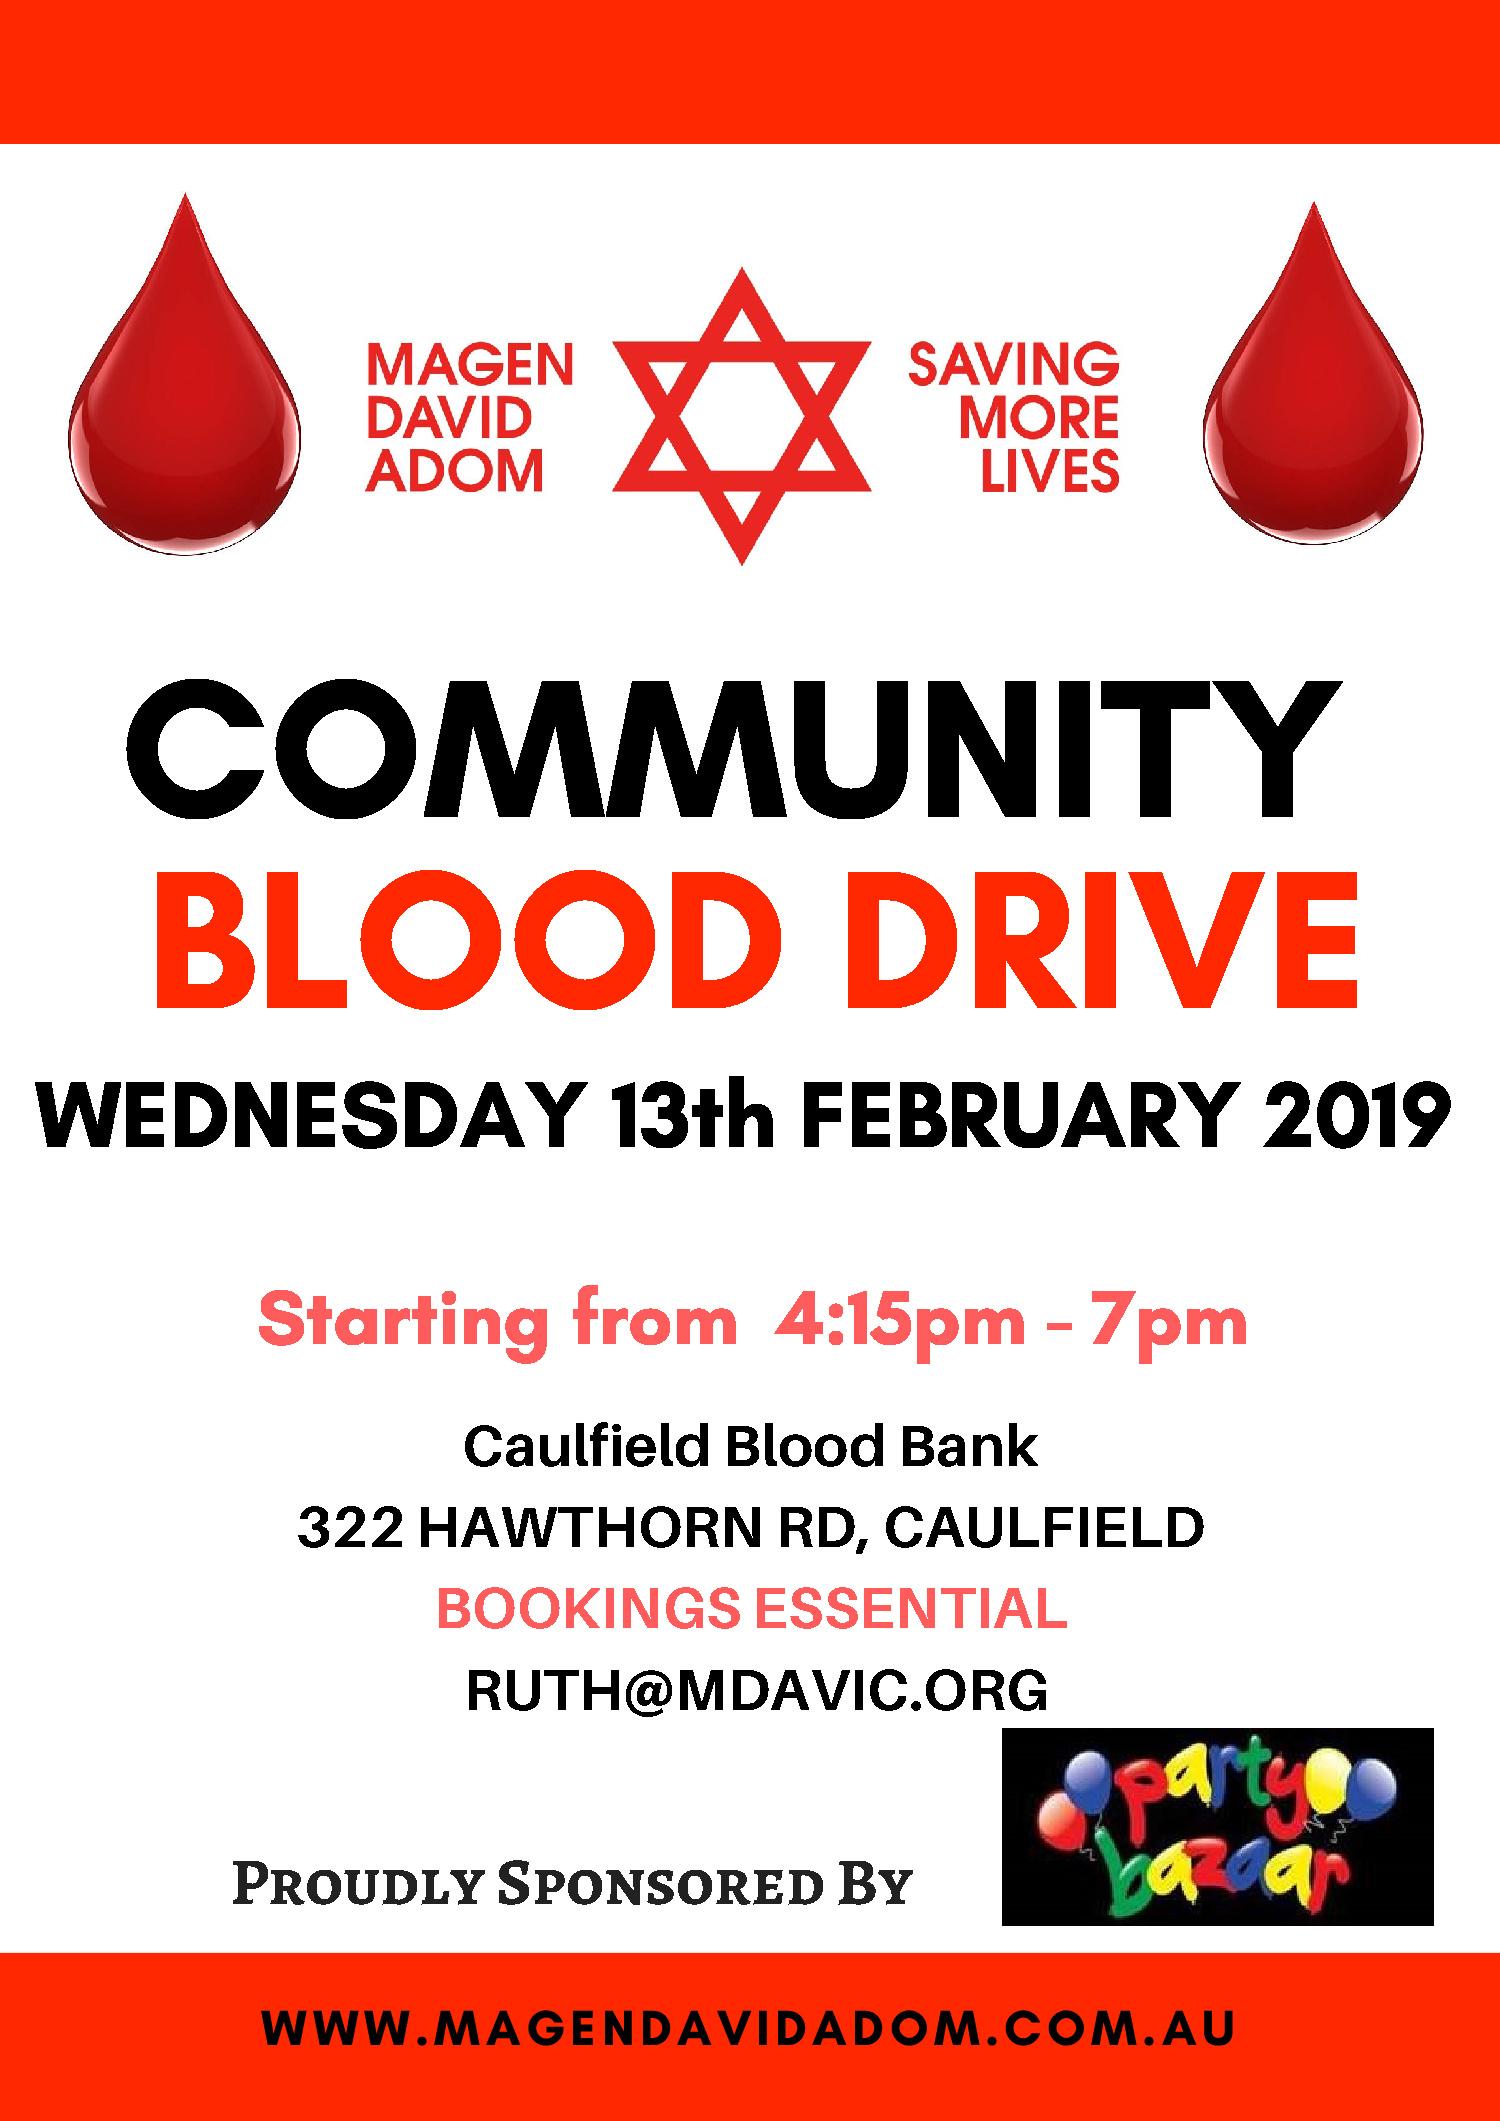 Community Blood Drive – 13th February 2019